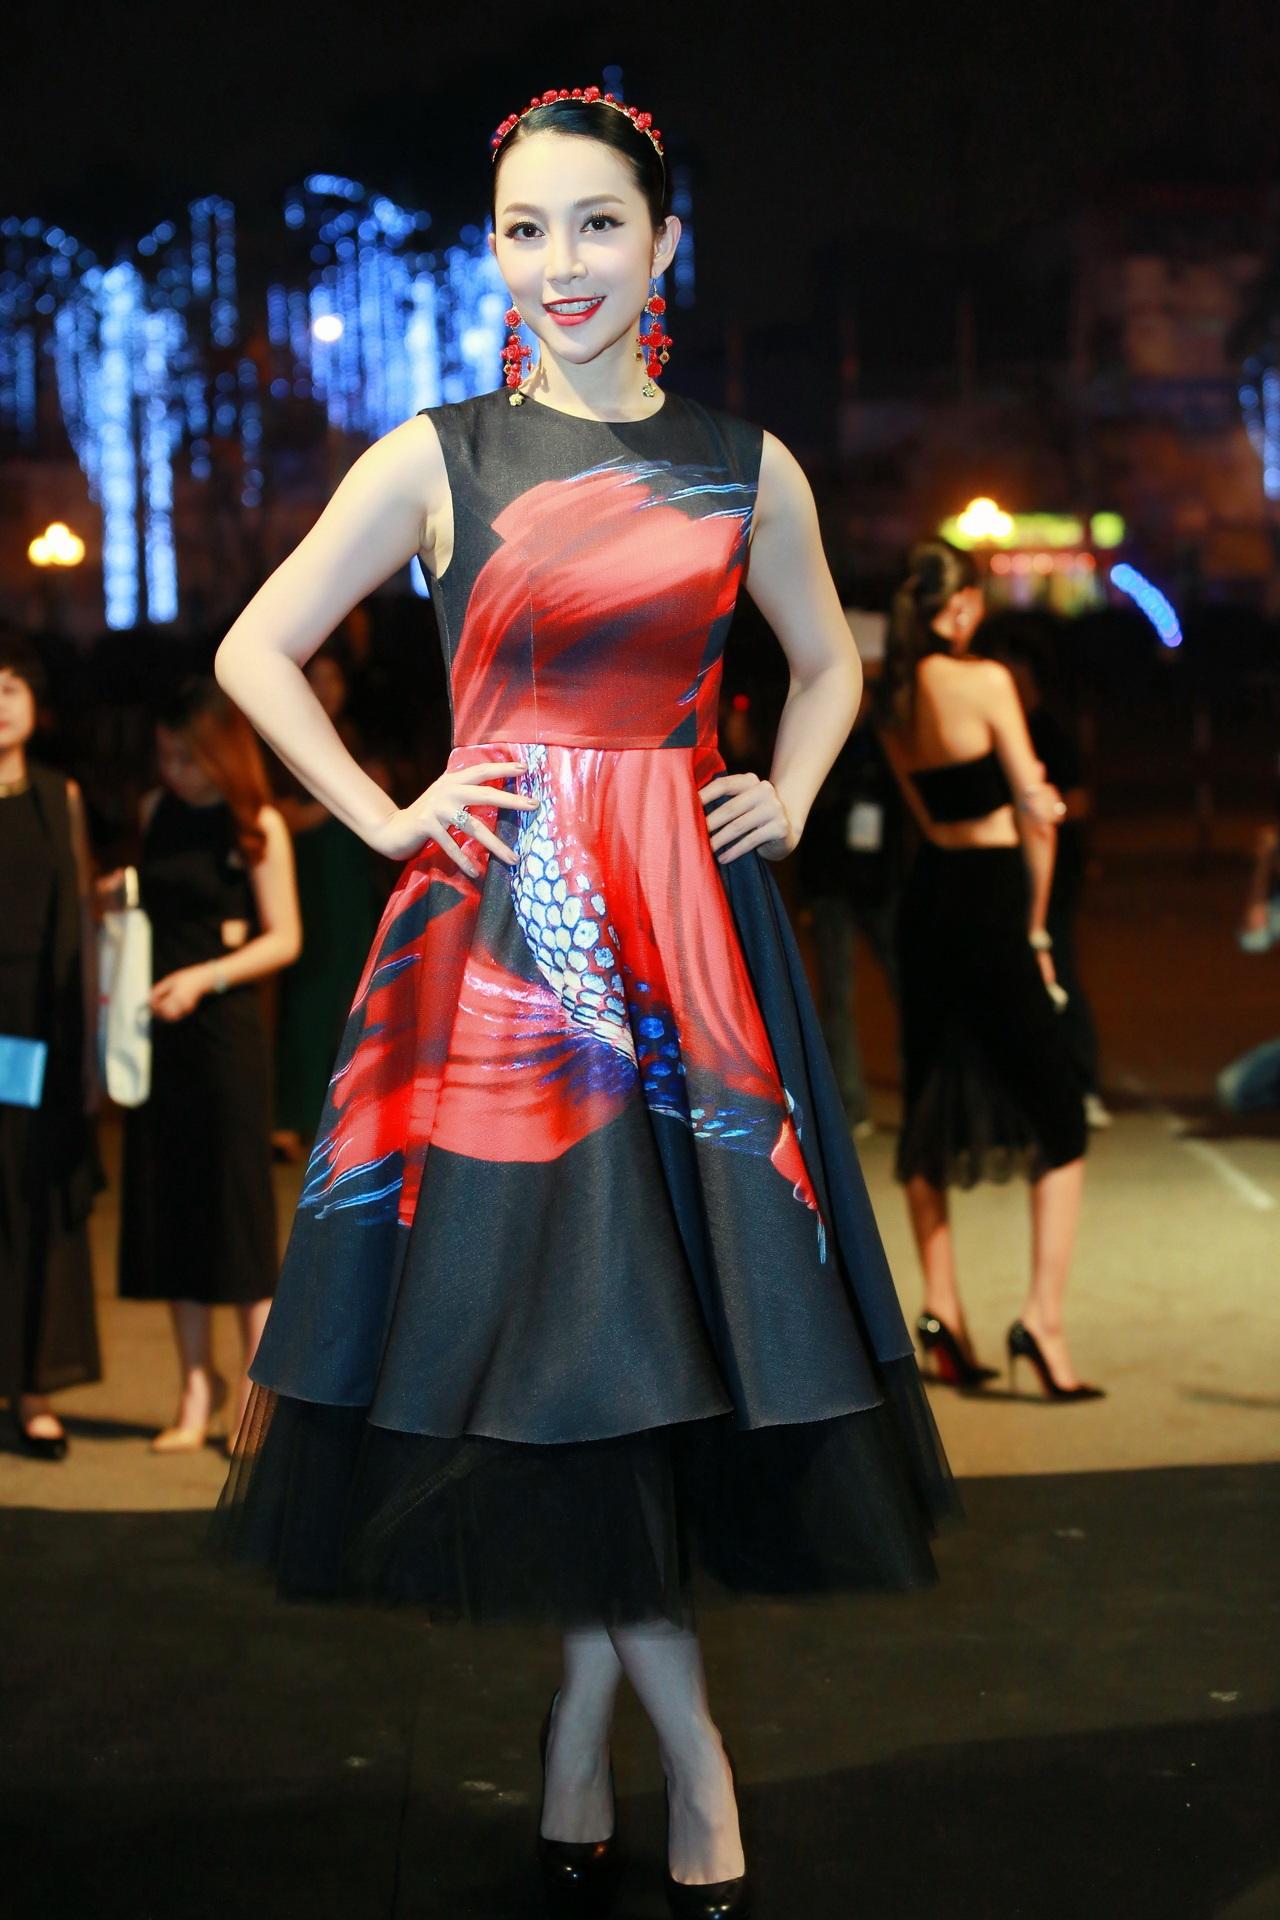 Linh Nga rạng rỡ trong chiếc đầm hoạ tiết tinh tế. Cô cũng góp mặt trong sự kiện với tư cách nghệ sĩ múa mở màn.